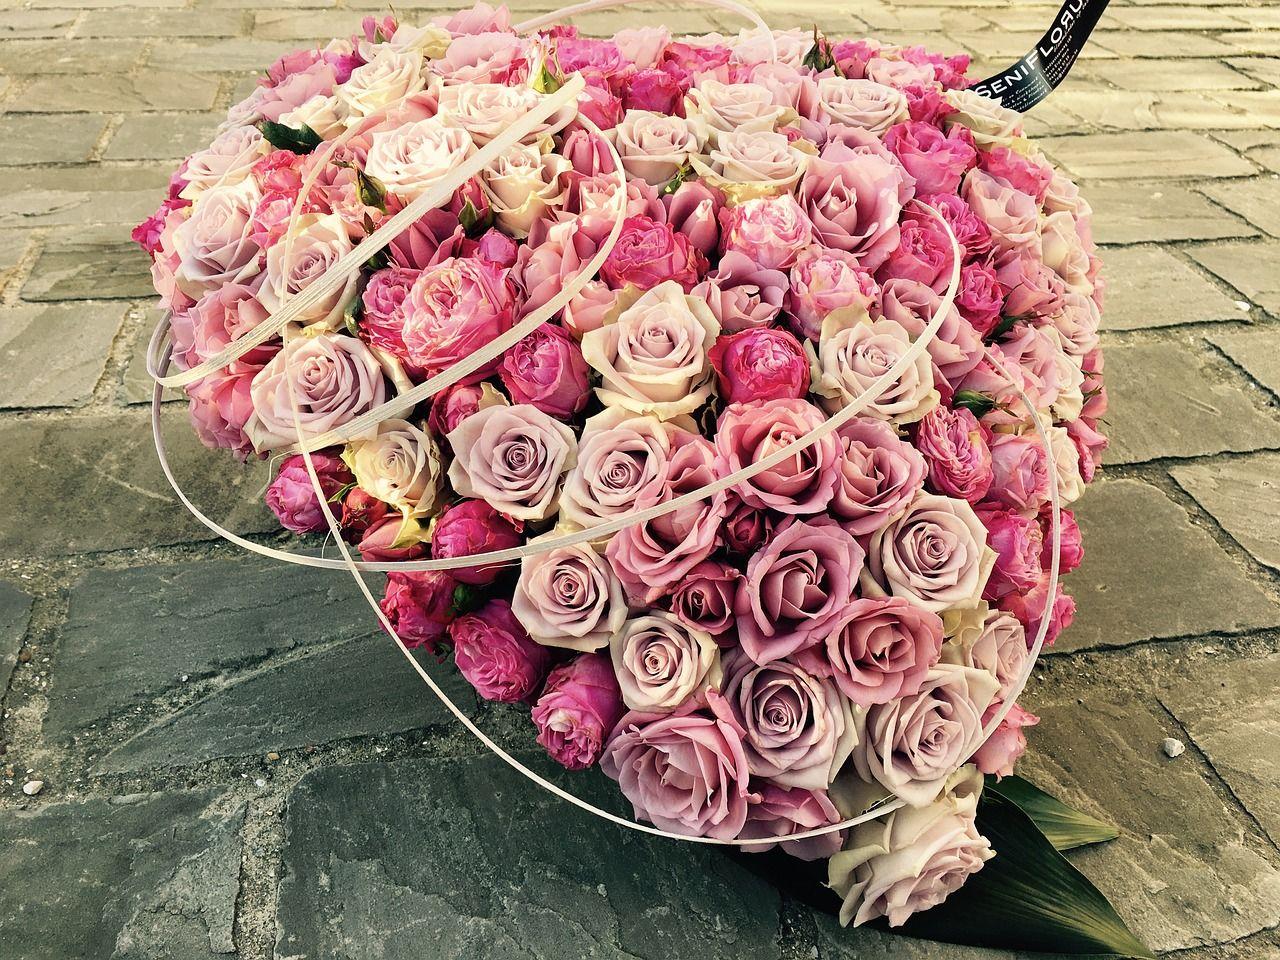 Blumen als Herz gesteckt Rosen in Herzform Trauergesteck Foto als Beispiel von pixabay